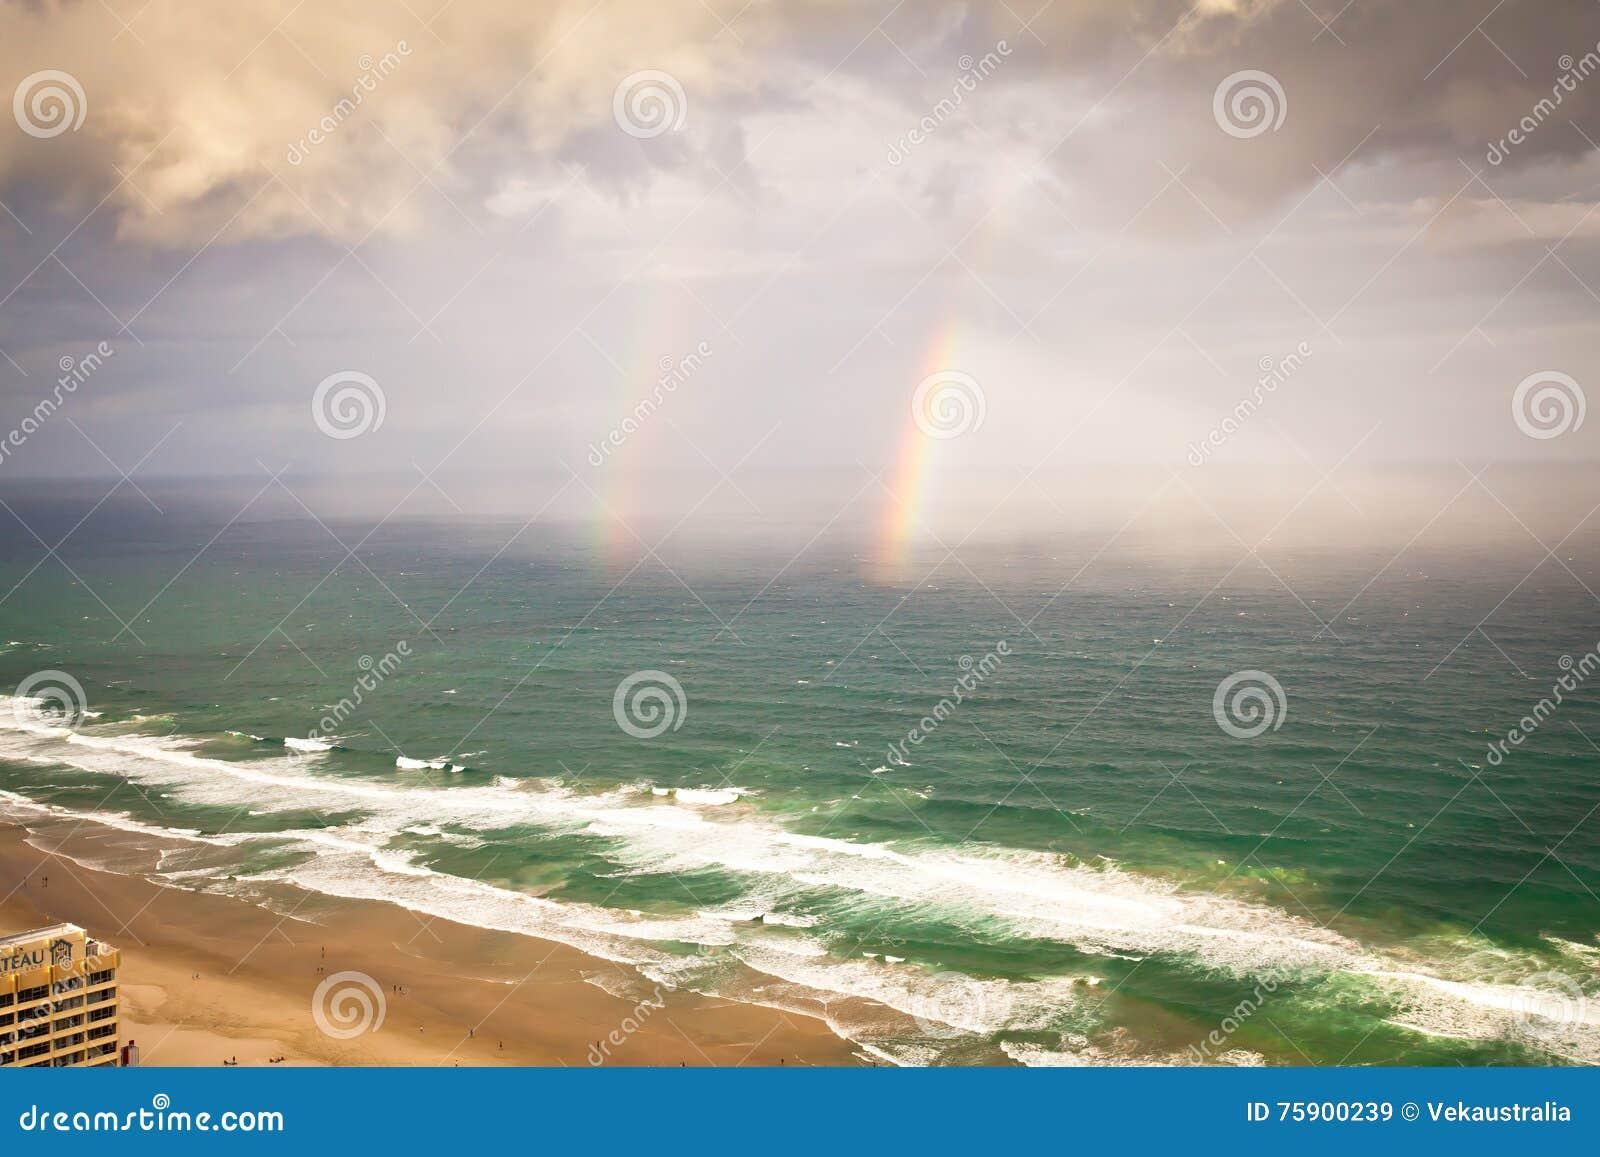 英属黄金海岸昆士兰澳大利亚-阵雨和彩虹